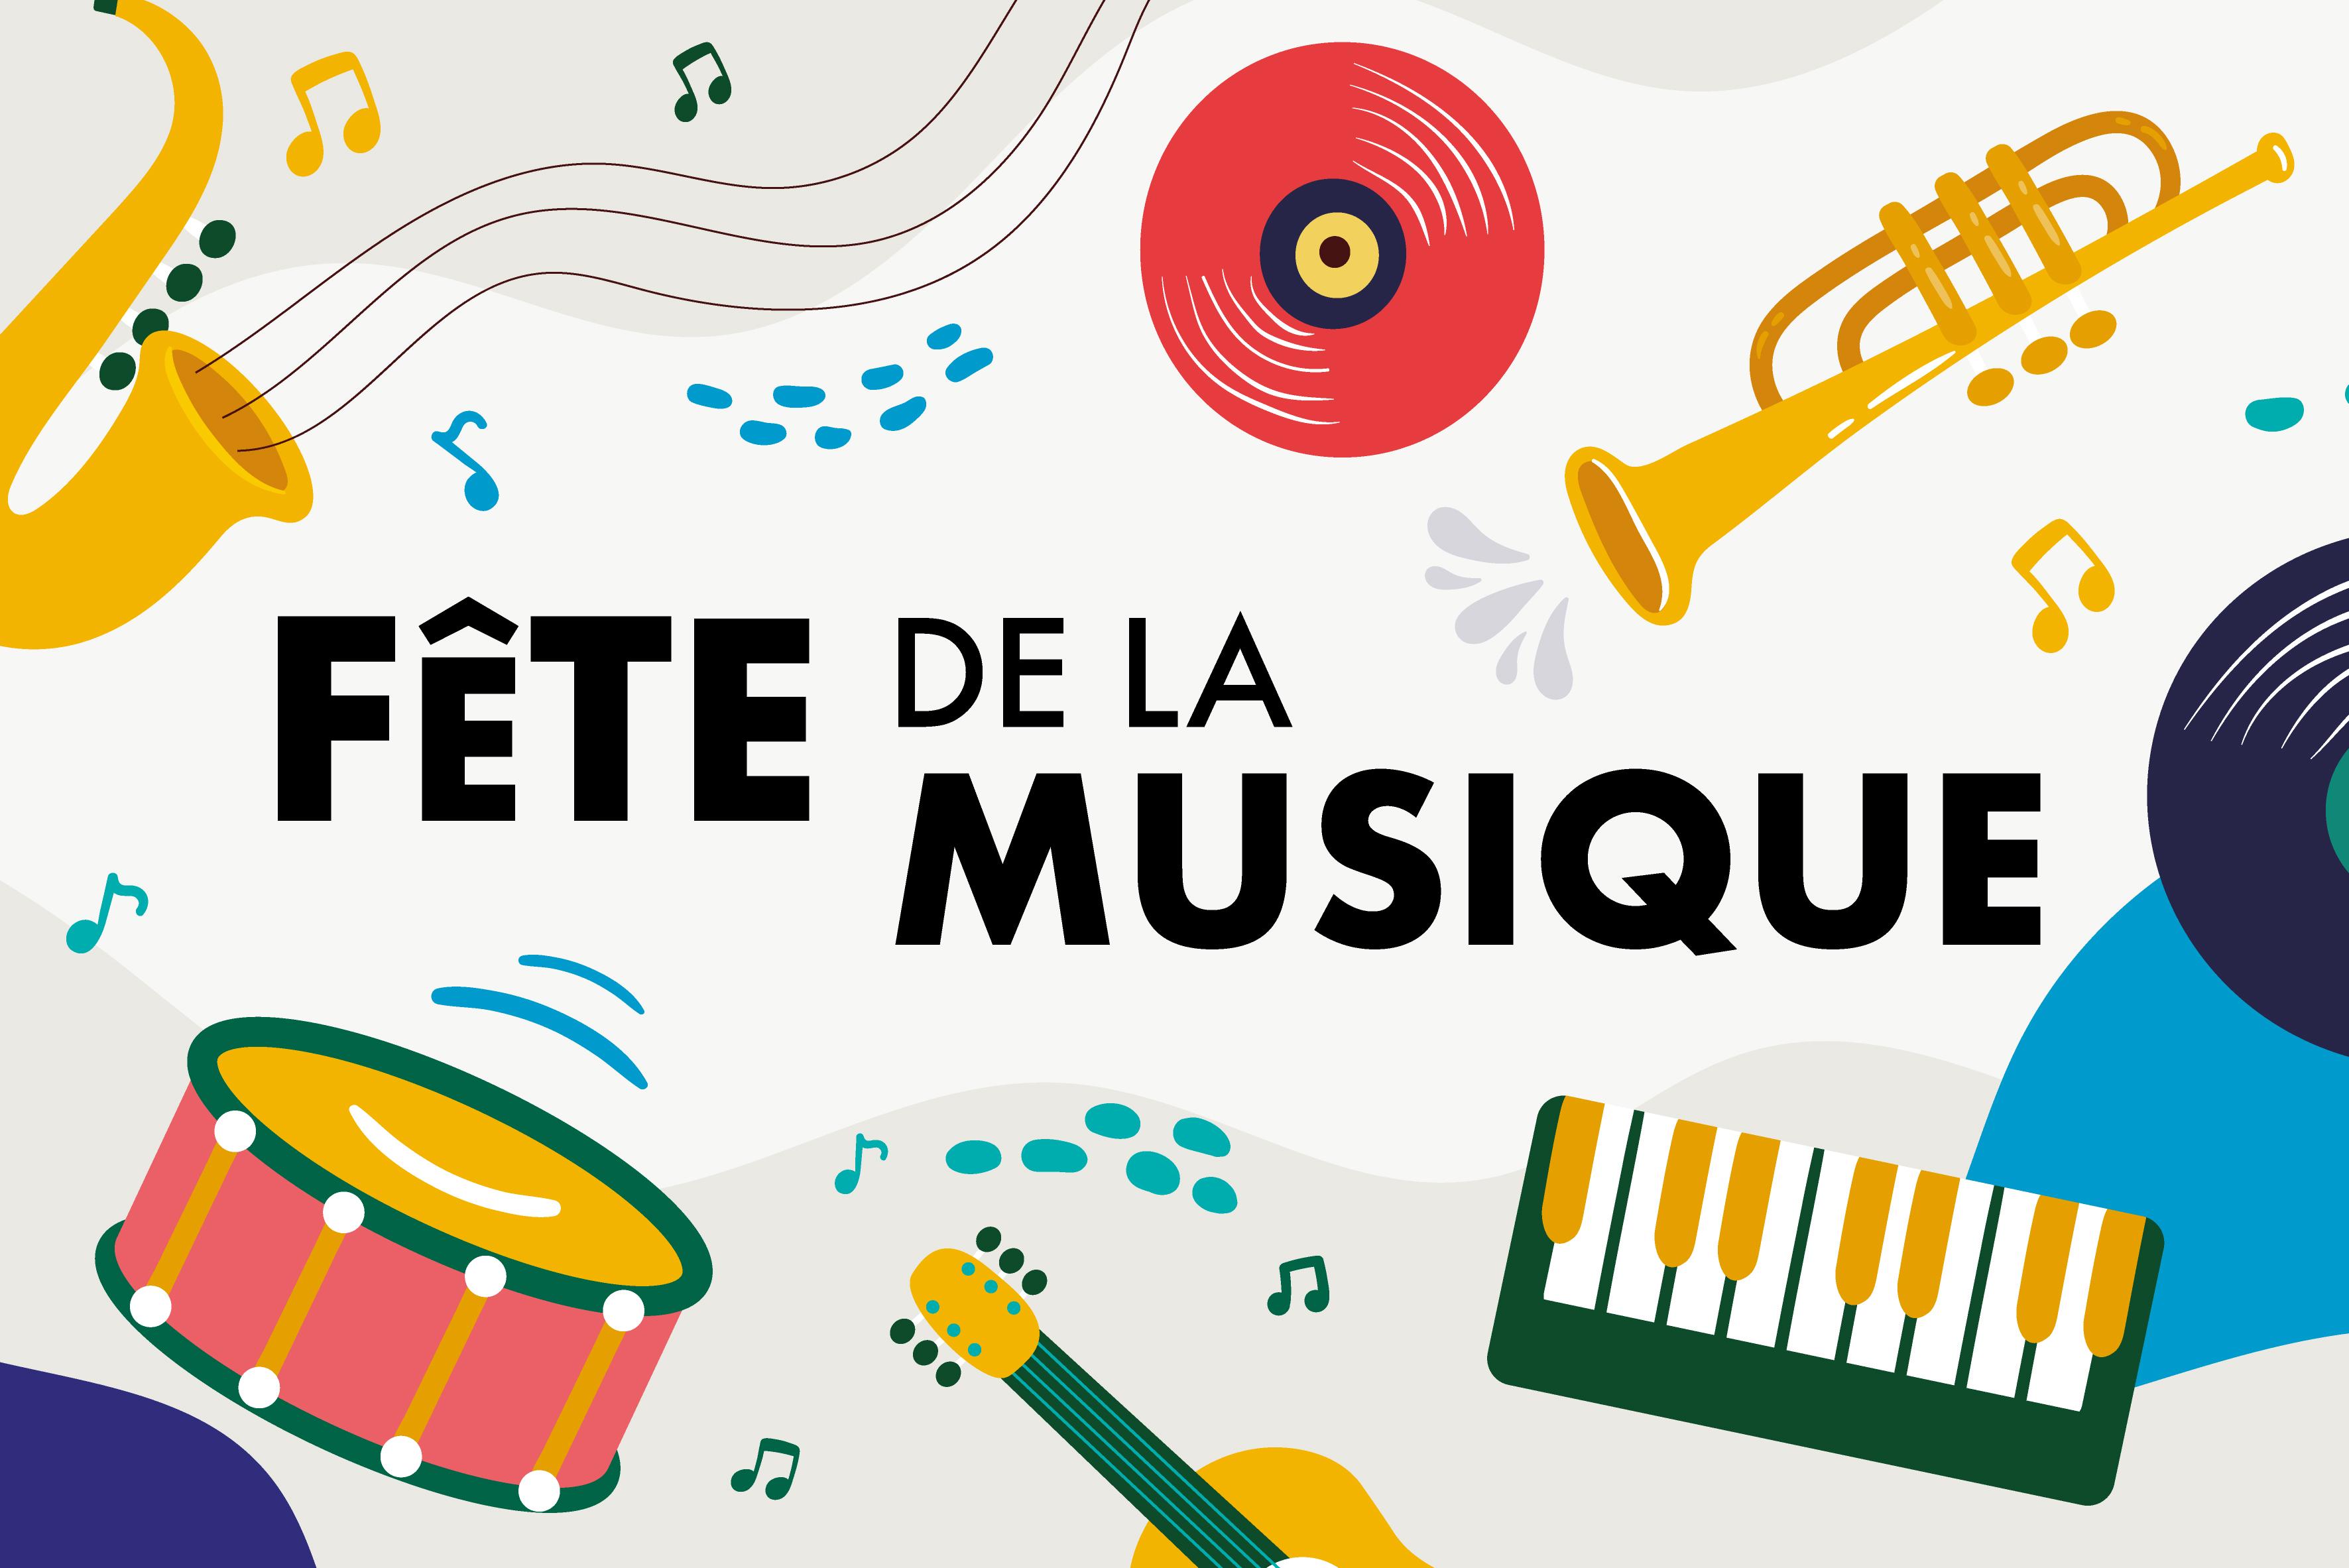 Un bus musical pour fêter la Musique Dimanche 21 juin 2020